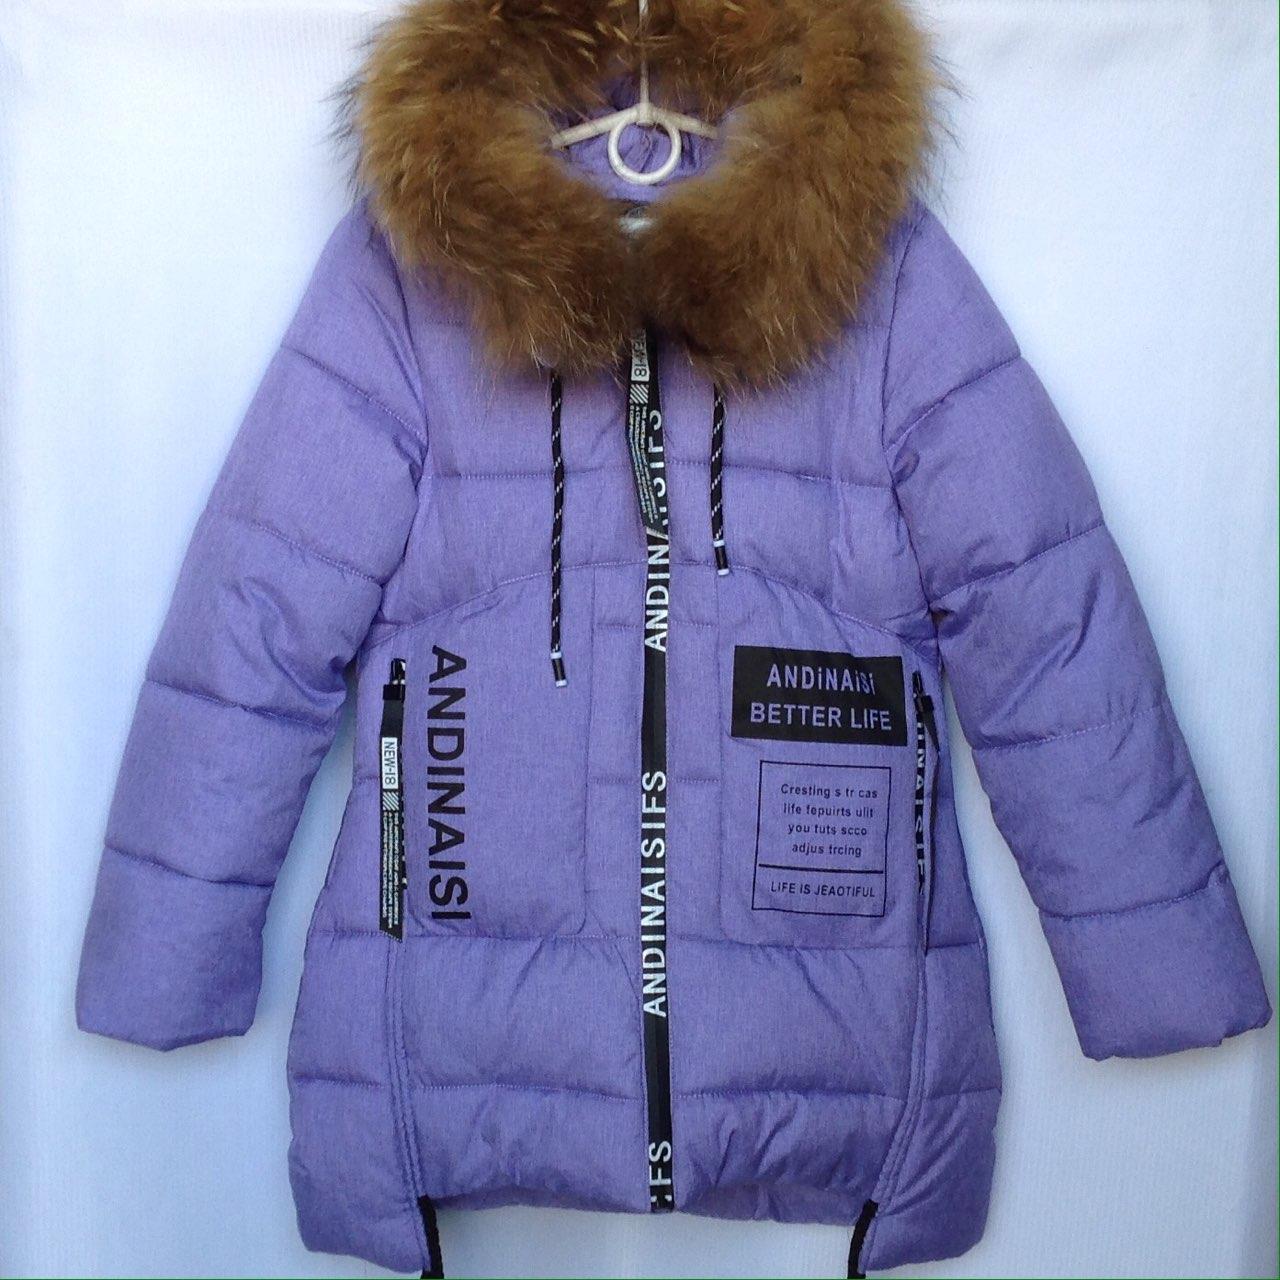 Куртка подростковая зимняя Better LIFE #8726 для девочек. 140-164 см (10-14 лет). Сиреневая. Оптом.